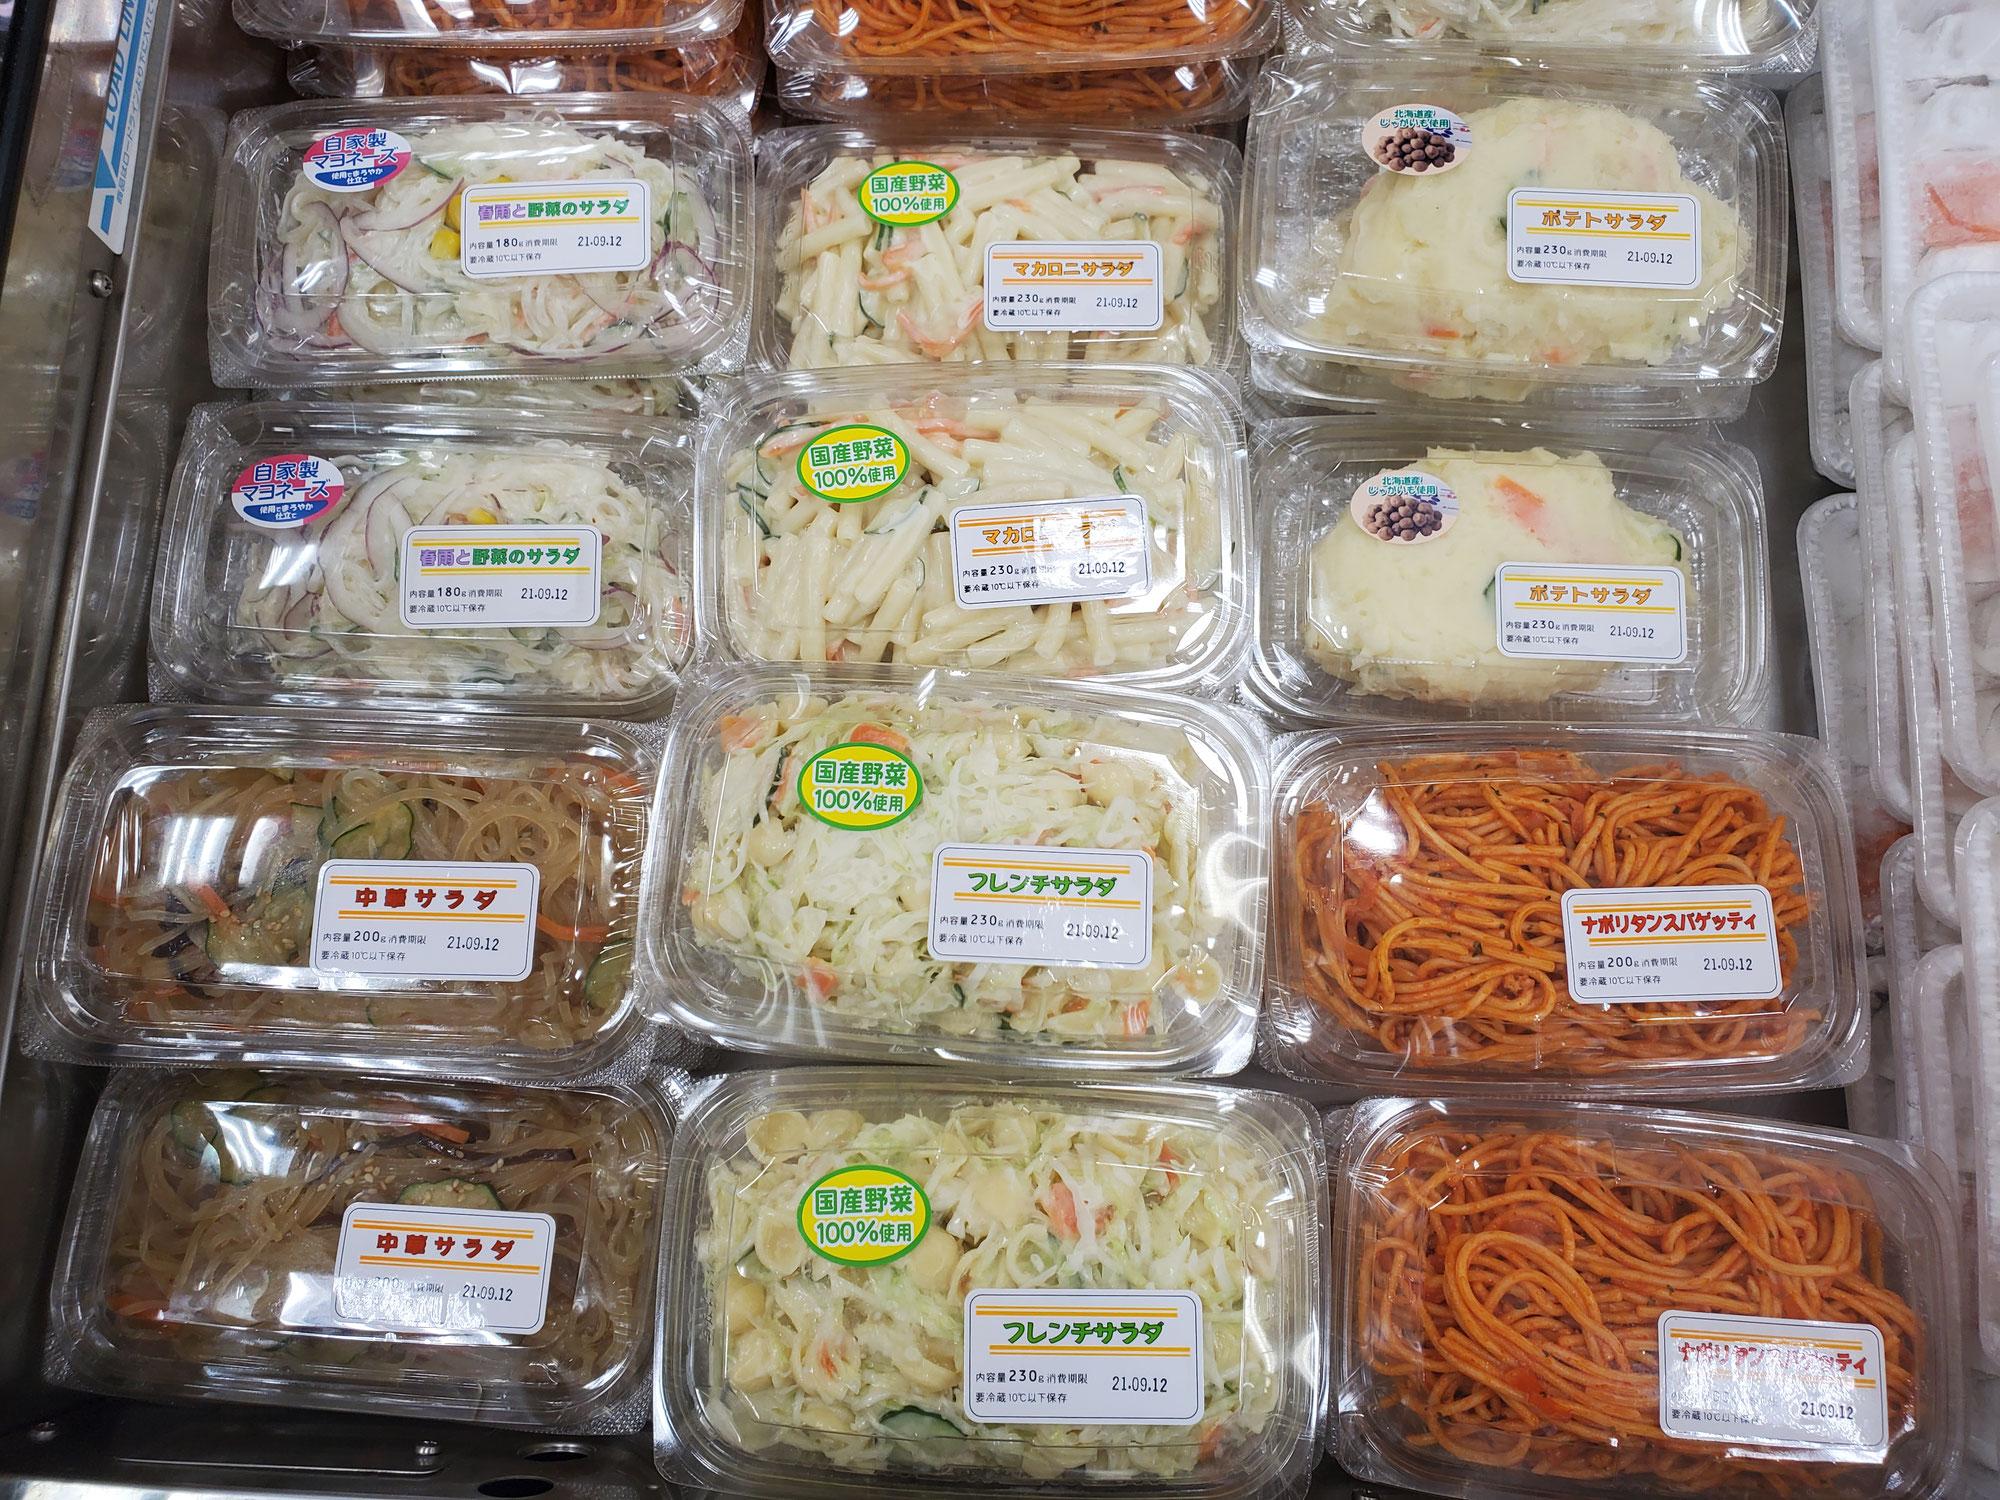 丸上食品パックサラダシリーズ